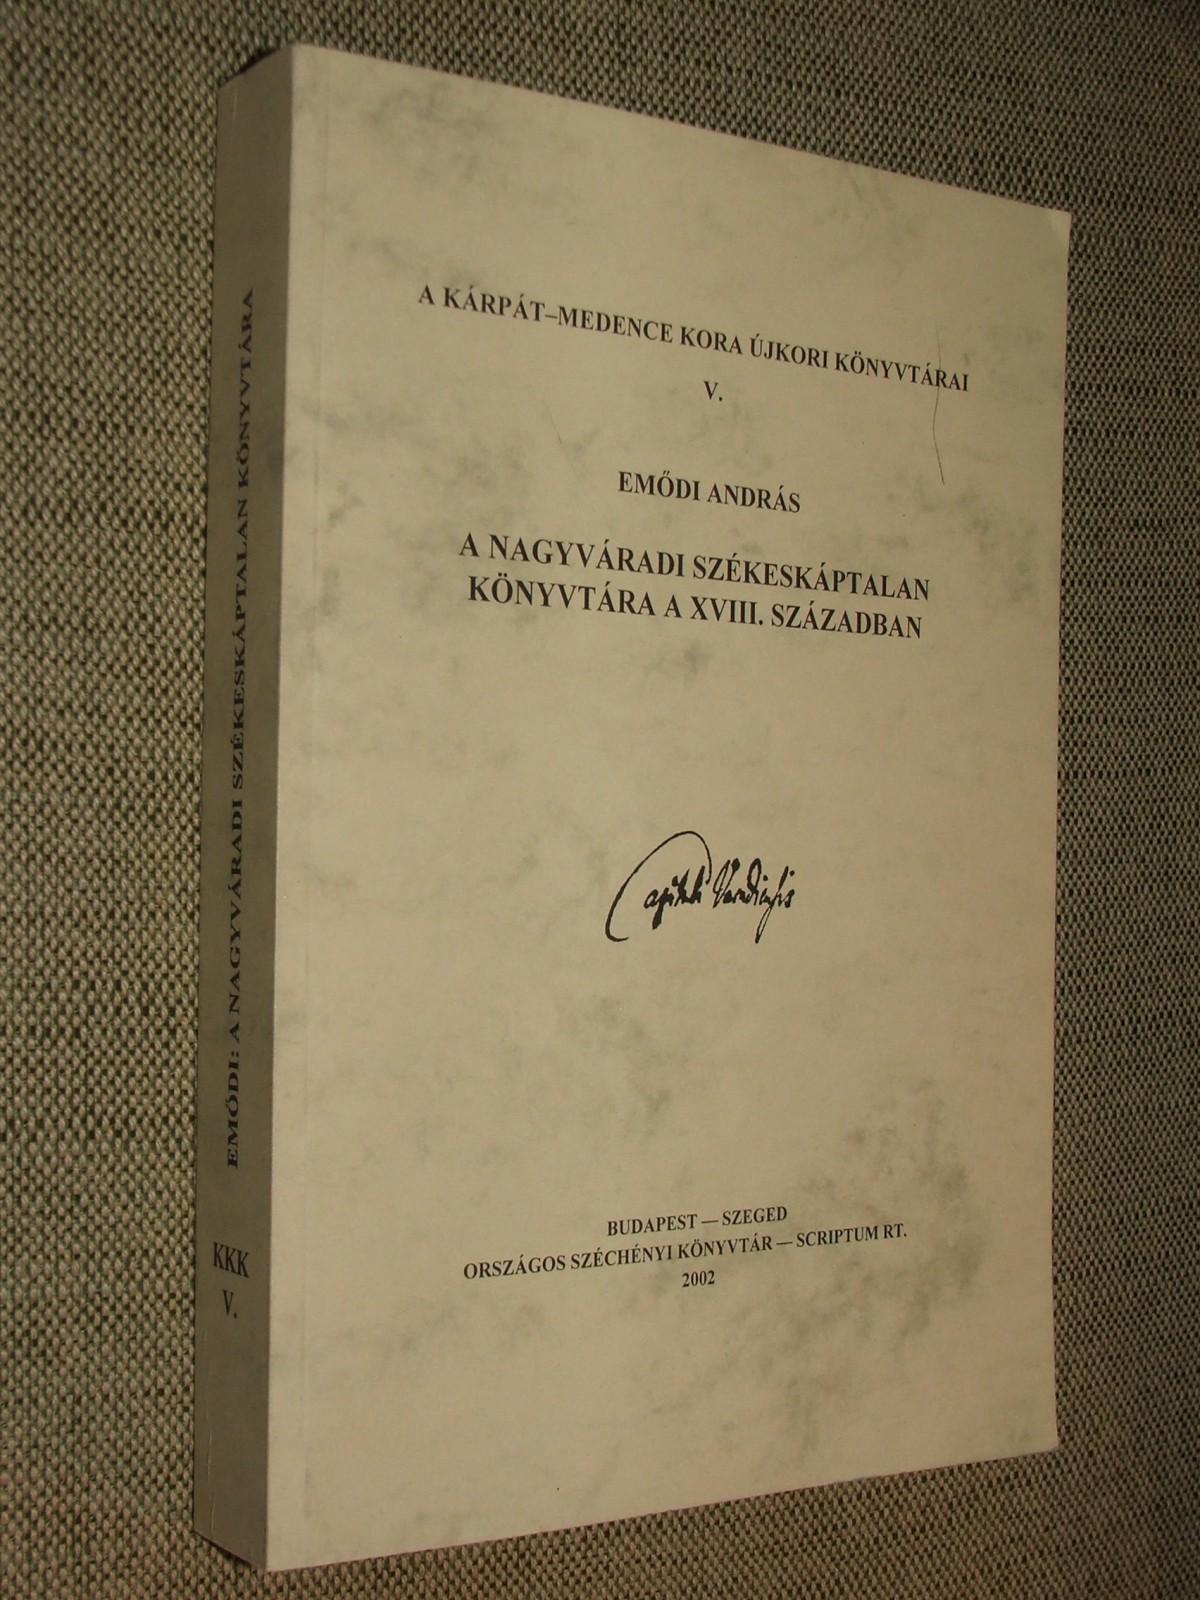 EMŐDI András: A nagyváradi székeskáptalan könyvtára a XVIII. században